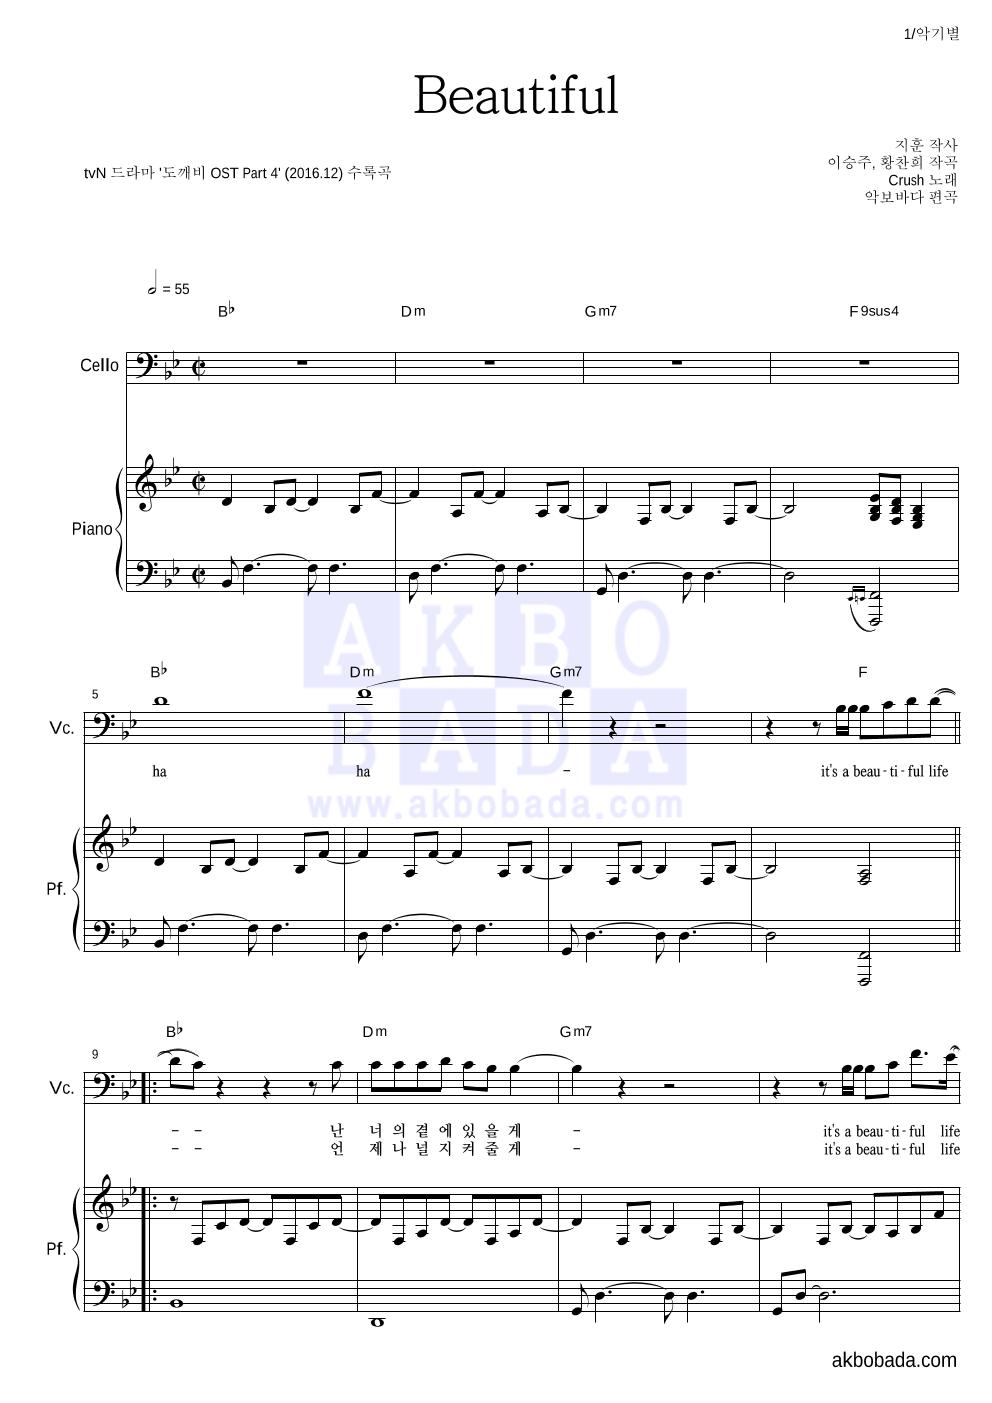 크러쉬 - Beautiful 첼로&피아노 악보